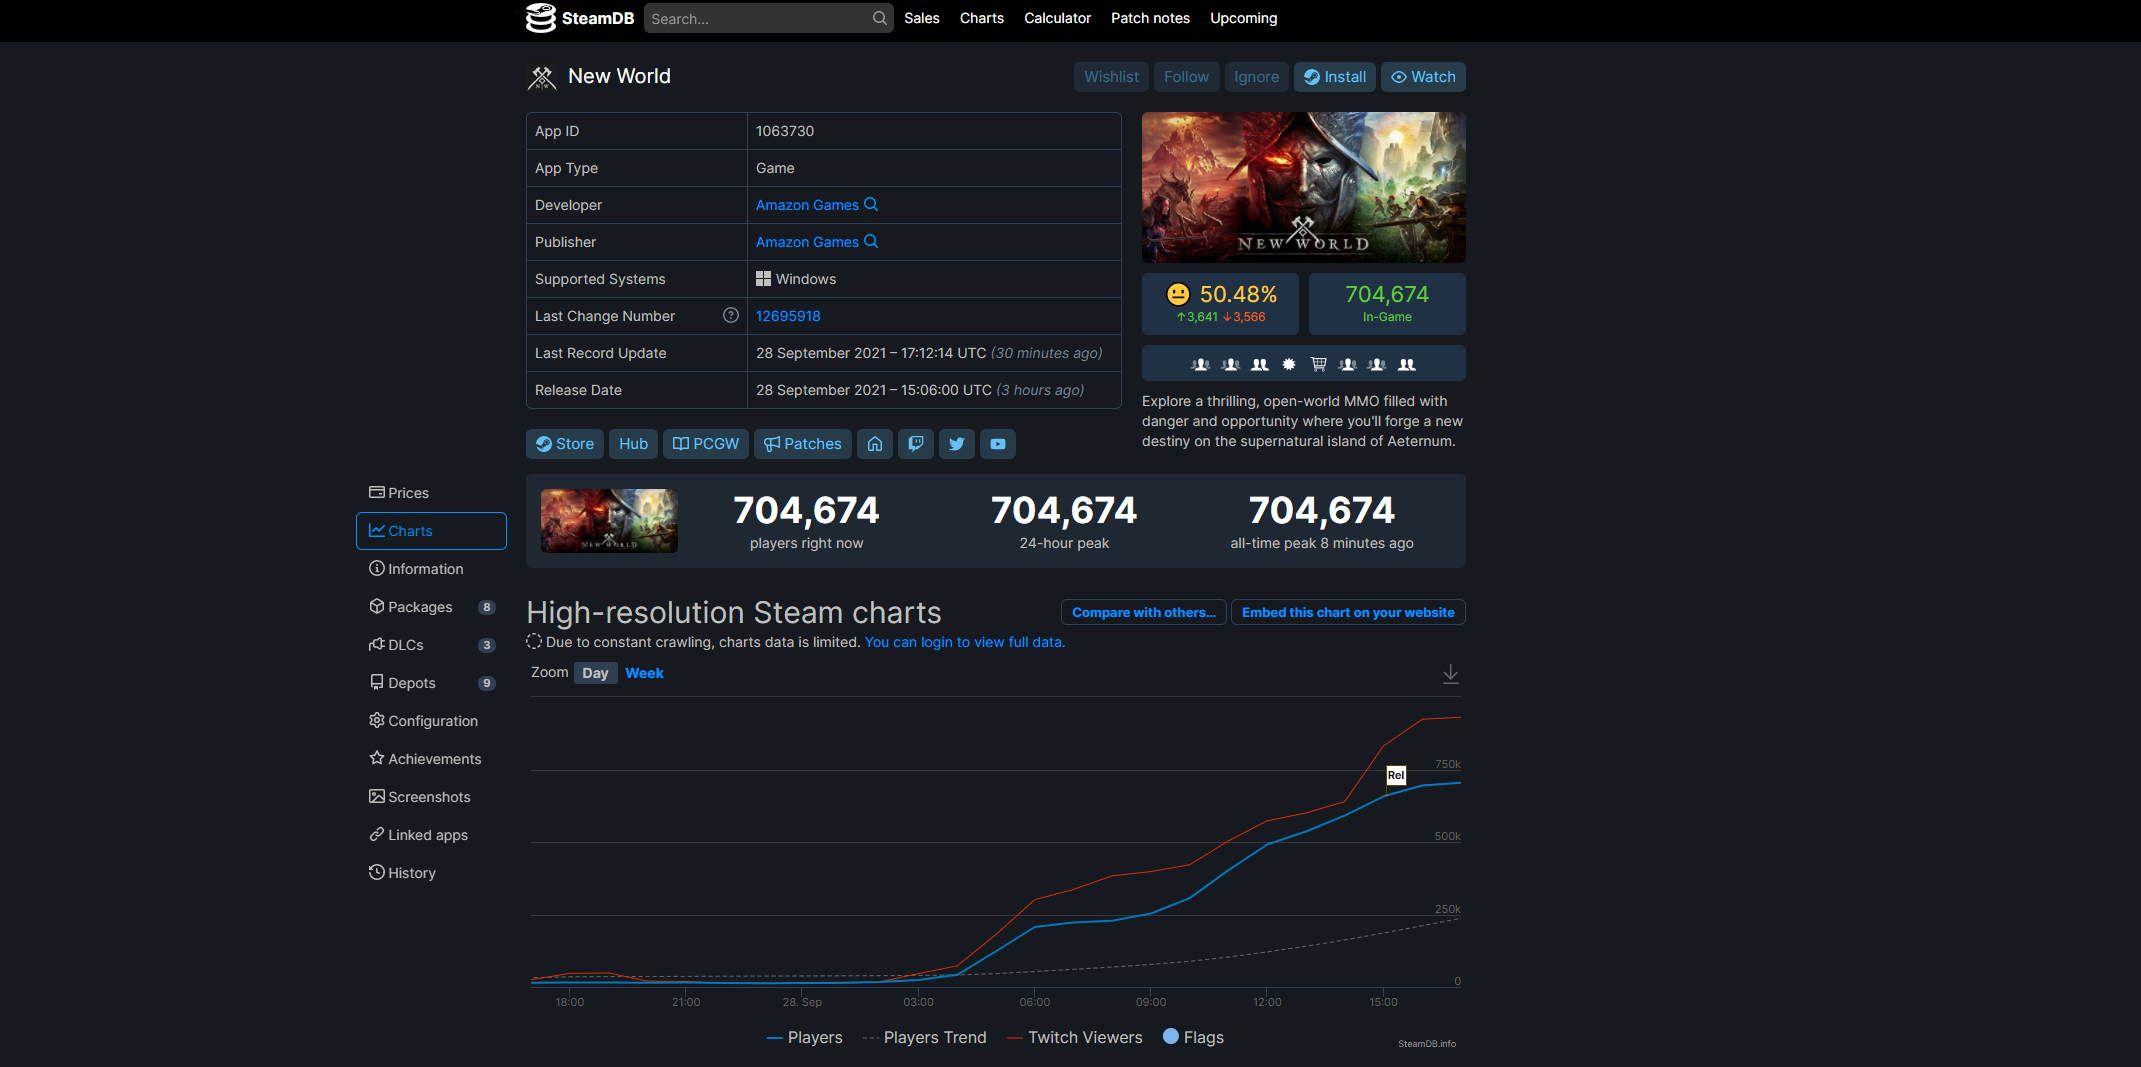 SteamDB New World Stats